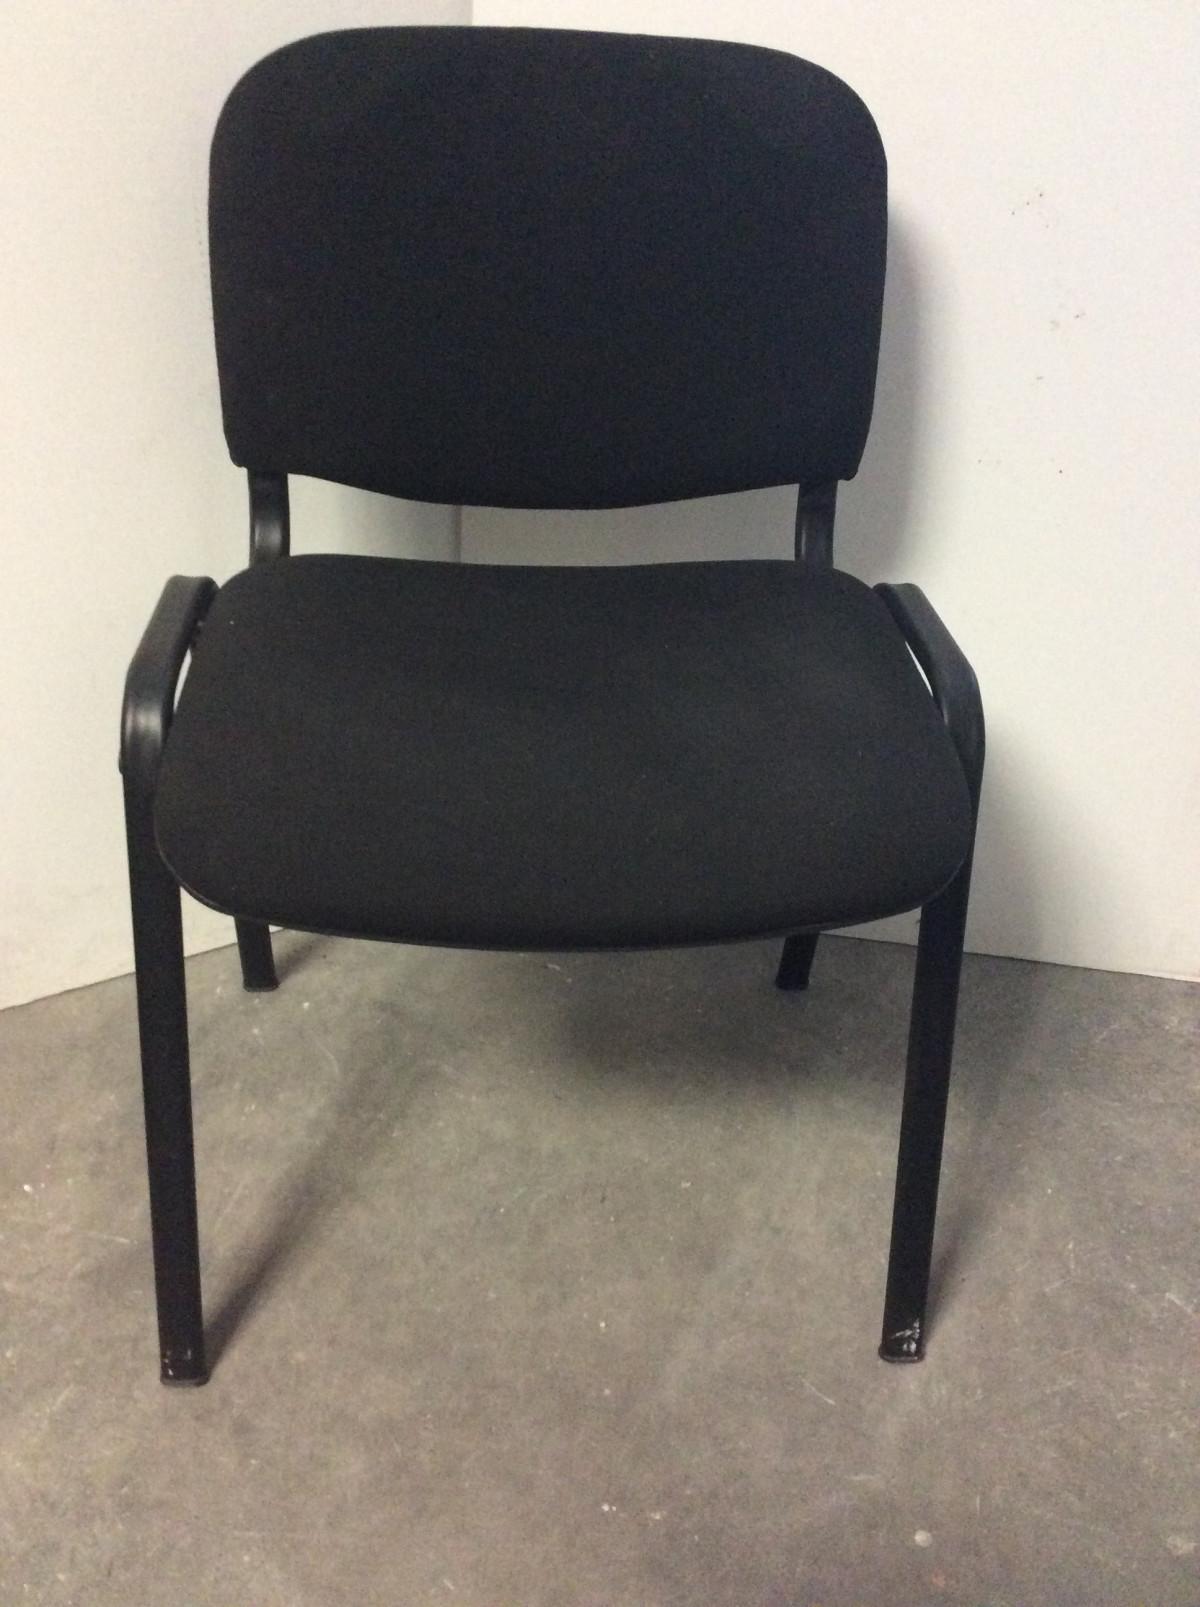 Poltroncine e sedie ufficio - Arredo e Giardino in vendita ...